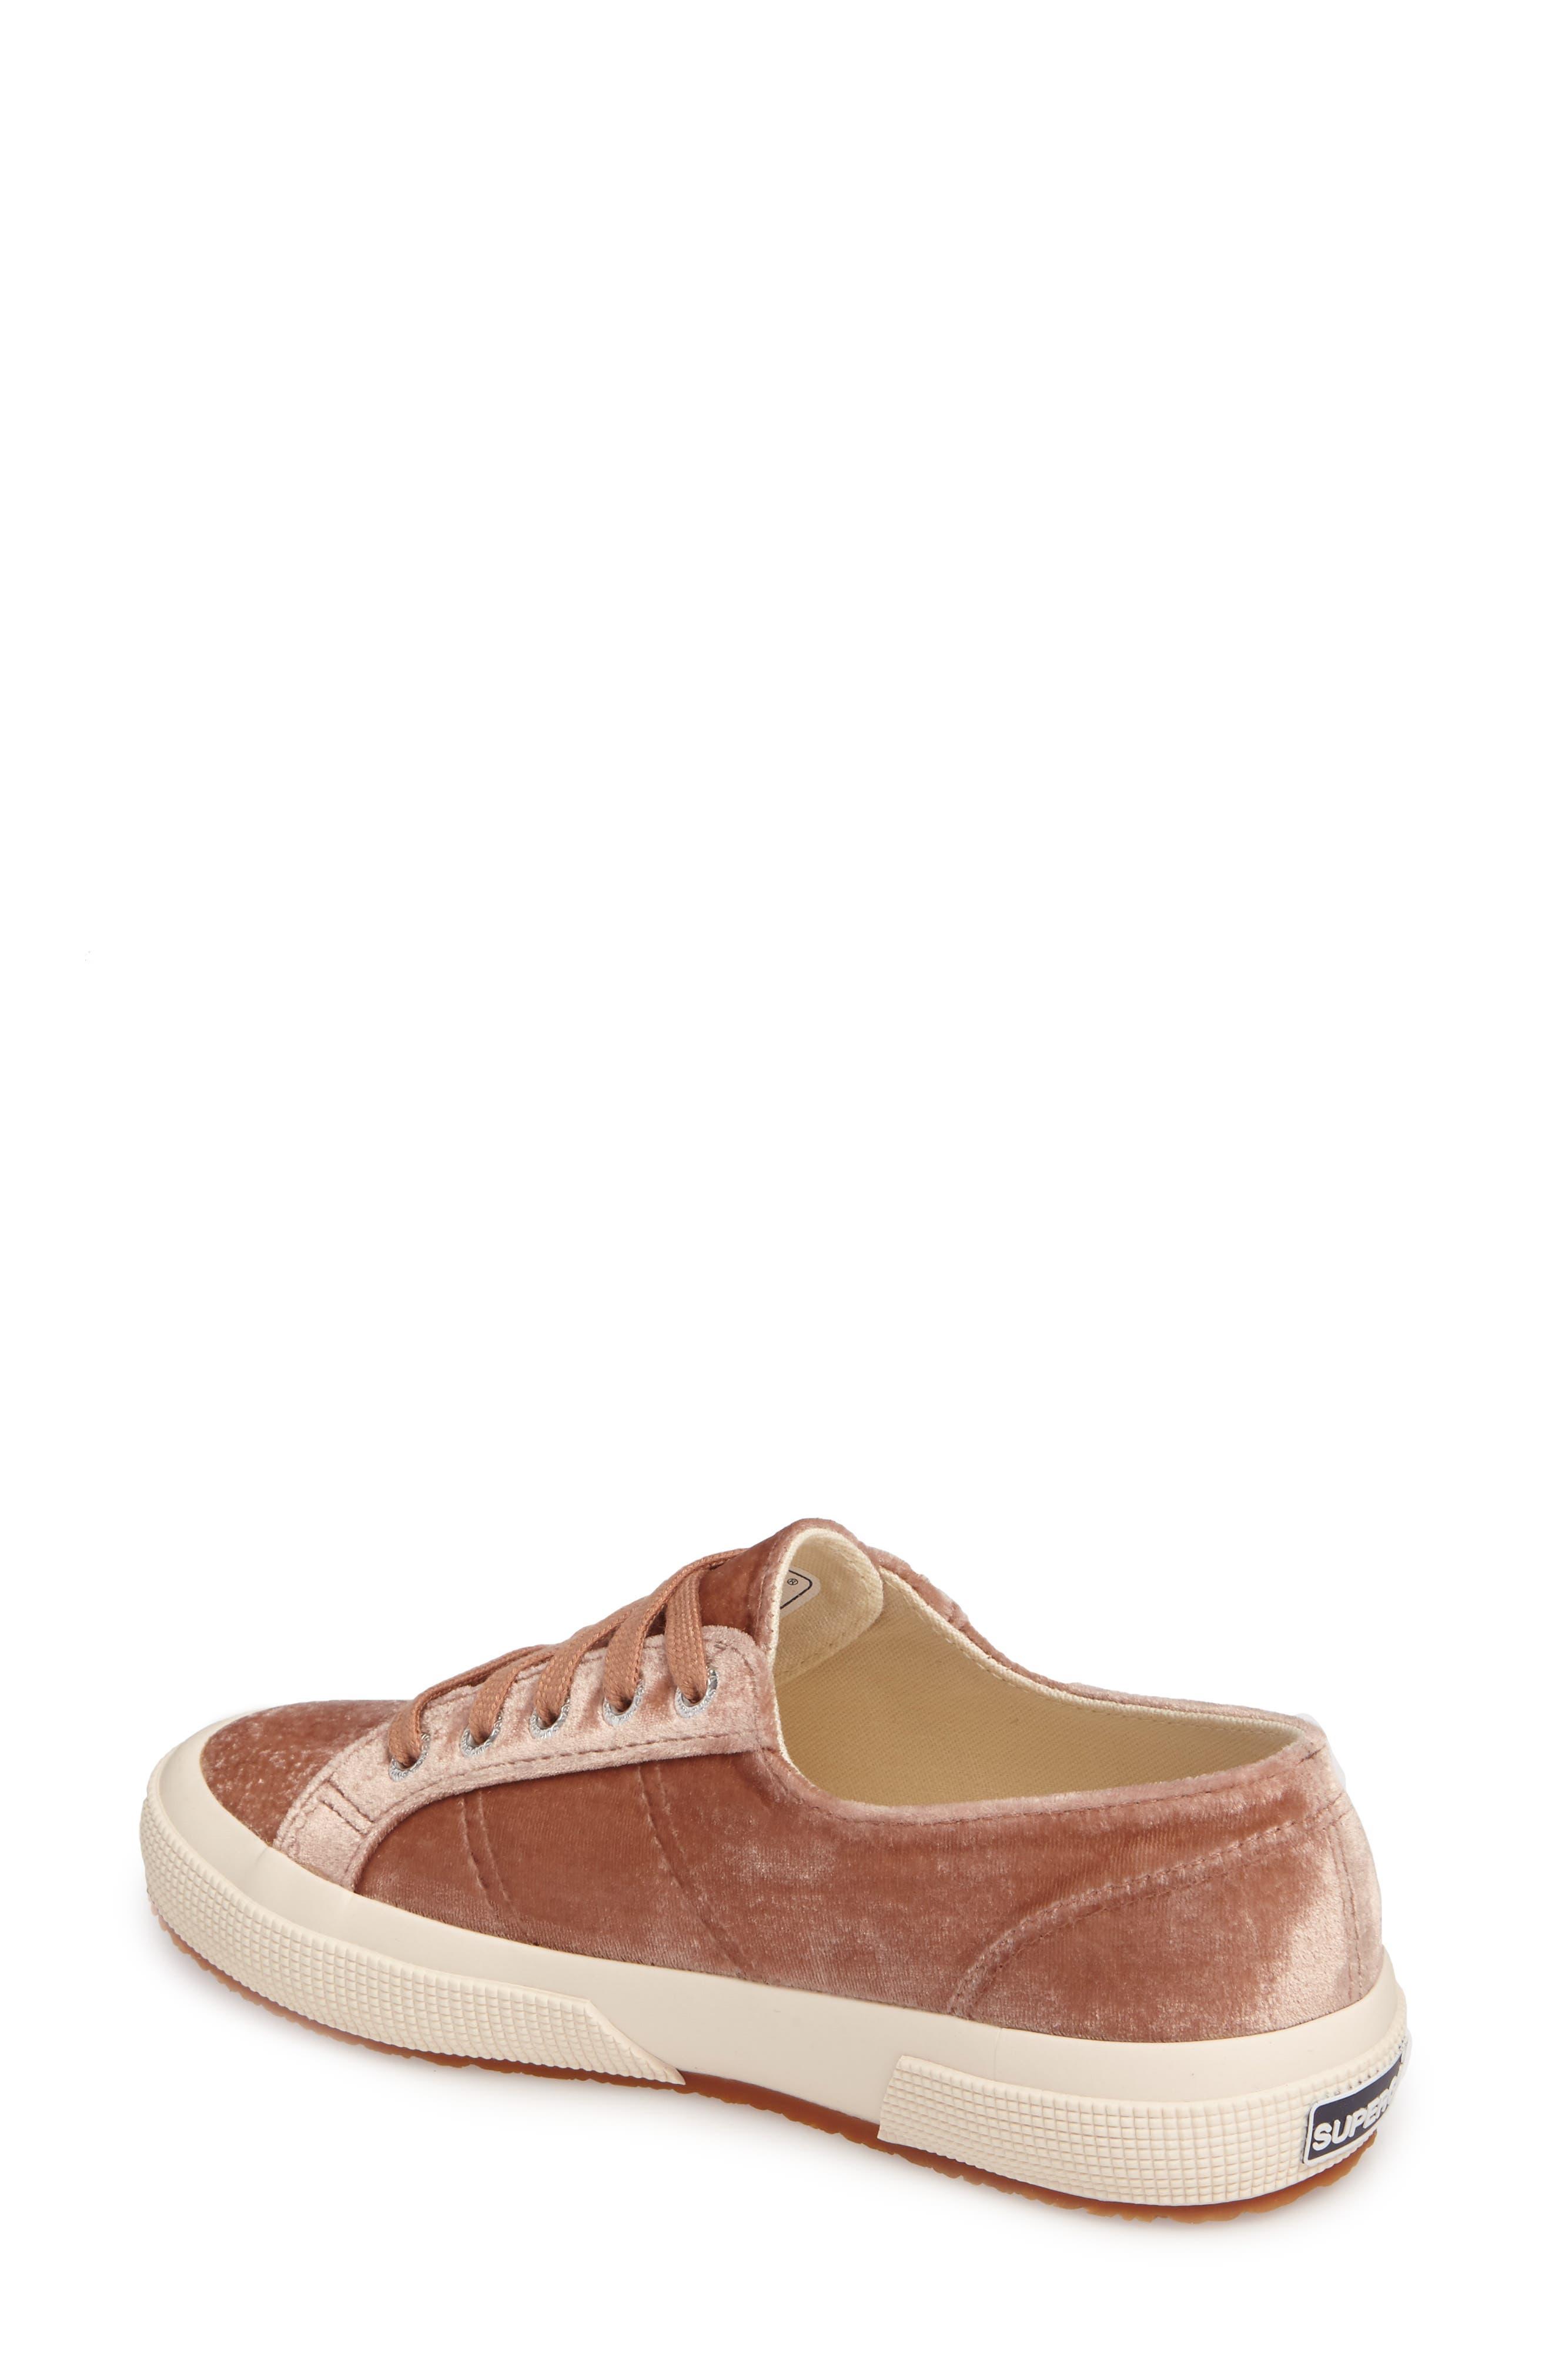 Cotu Classic Sneaker,                             Alternate thumbnail 2, color,                             650